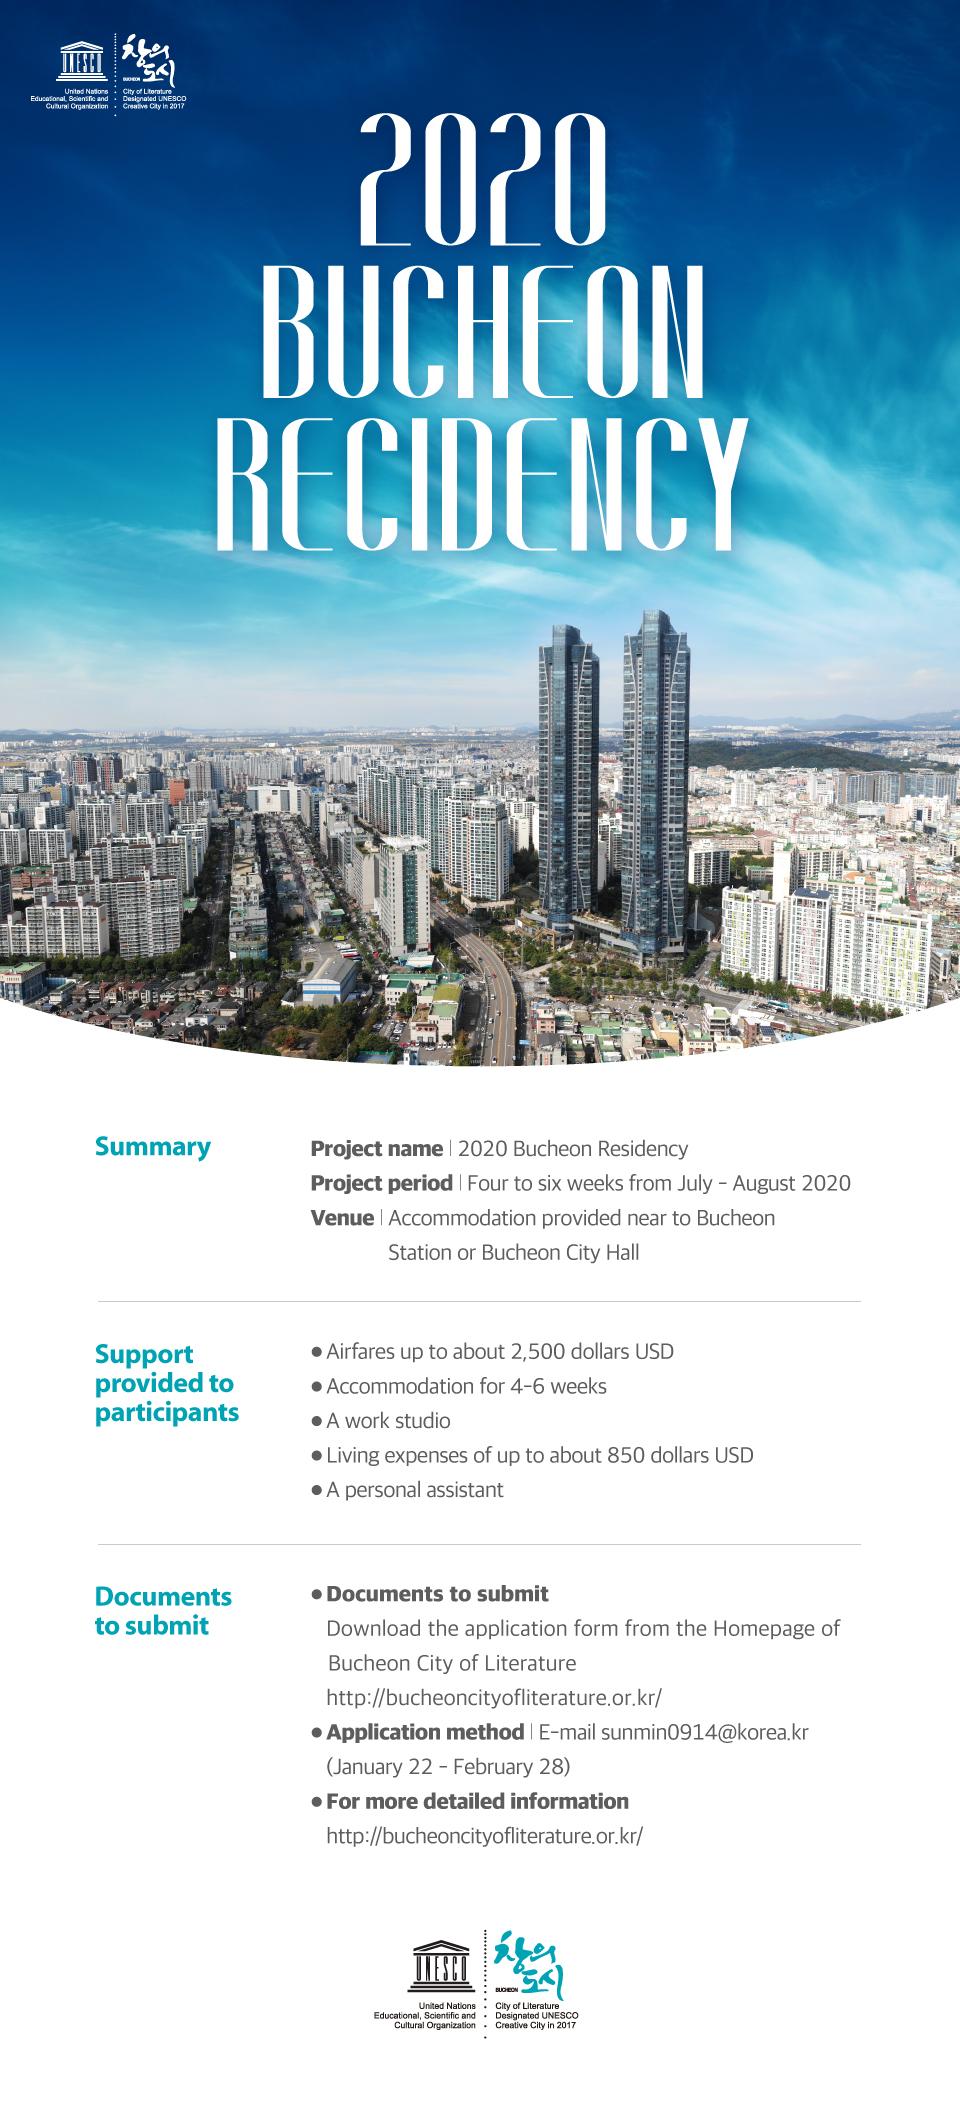 IMAGE - Bucheon Residency 2020